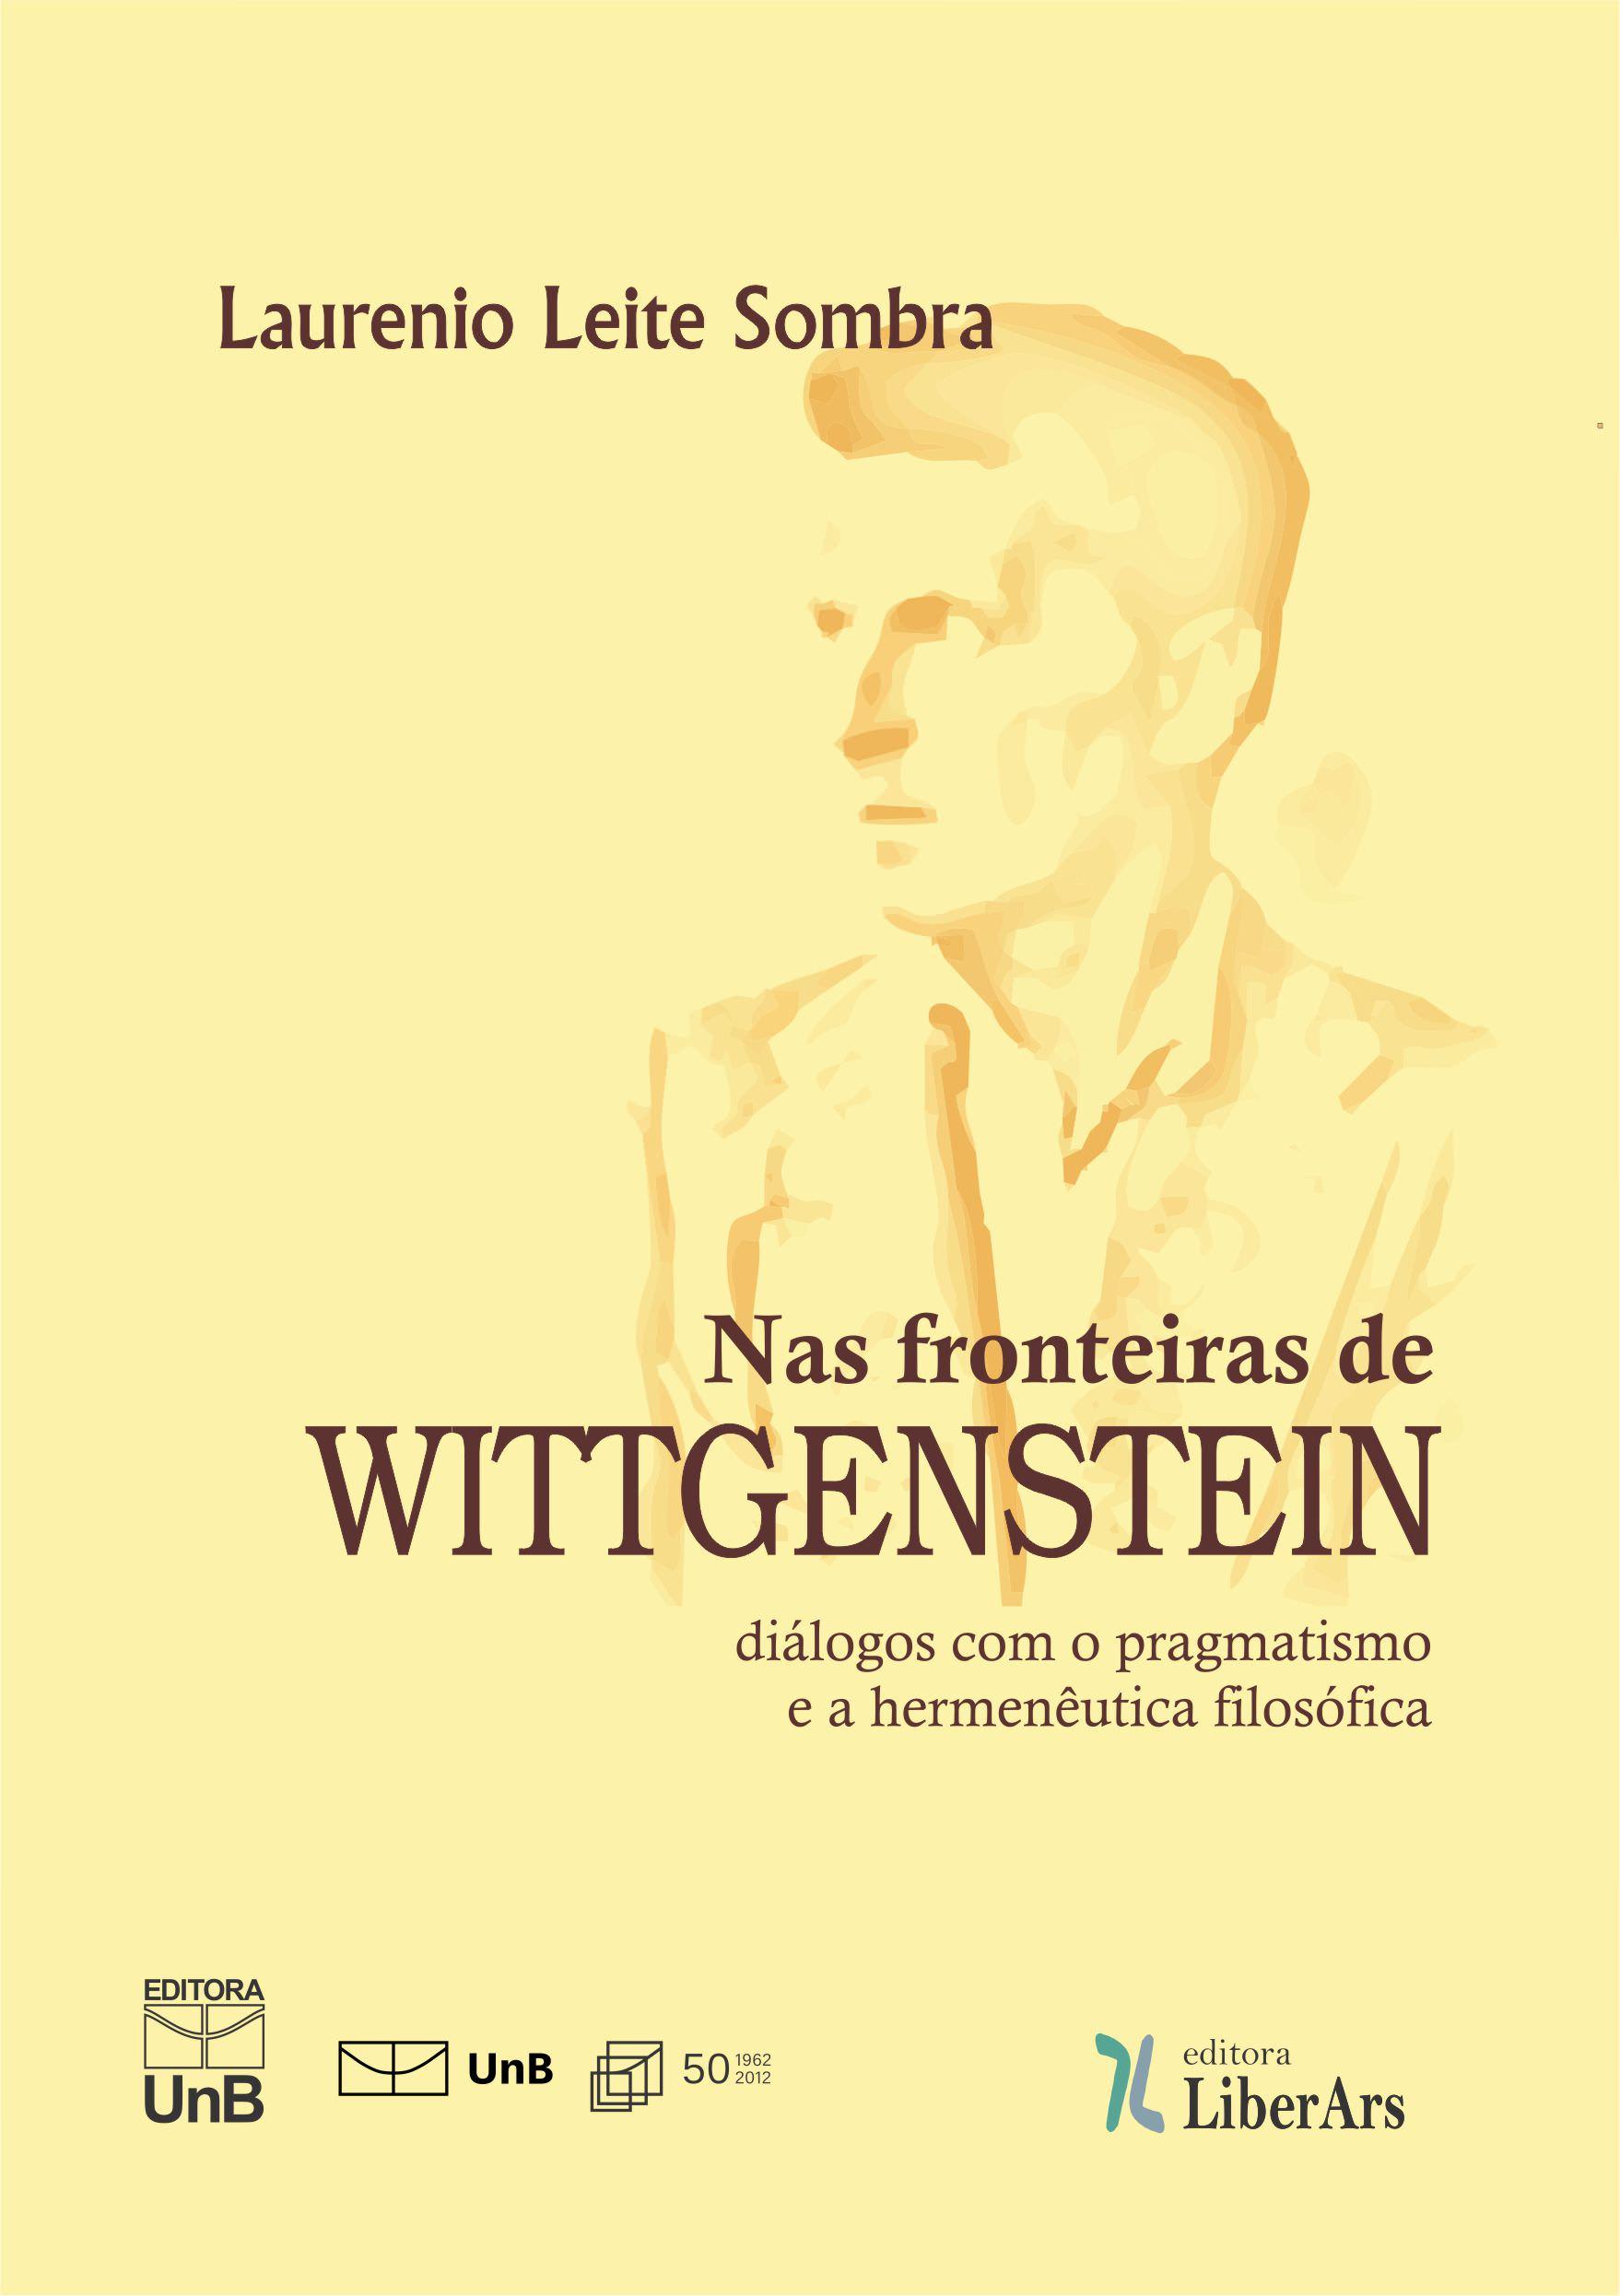 Nas fronteiras de Wittgenstein, livro de Laurenio Leite Sombra